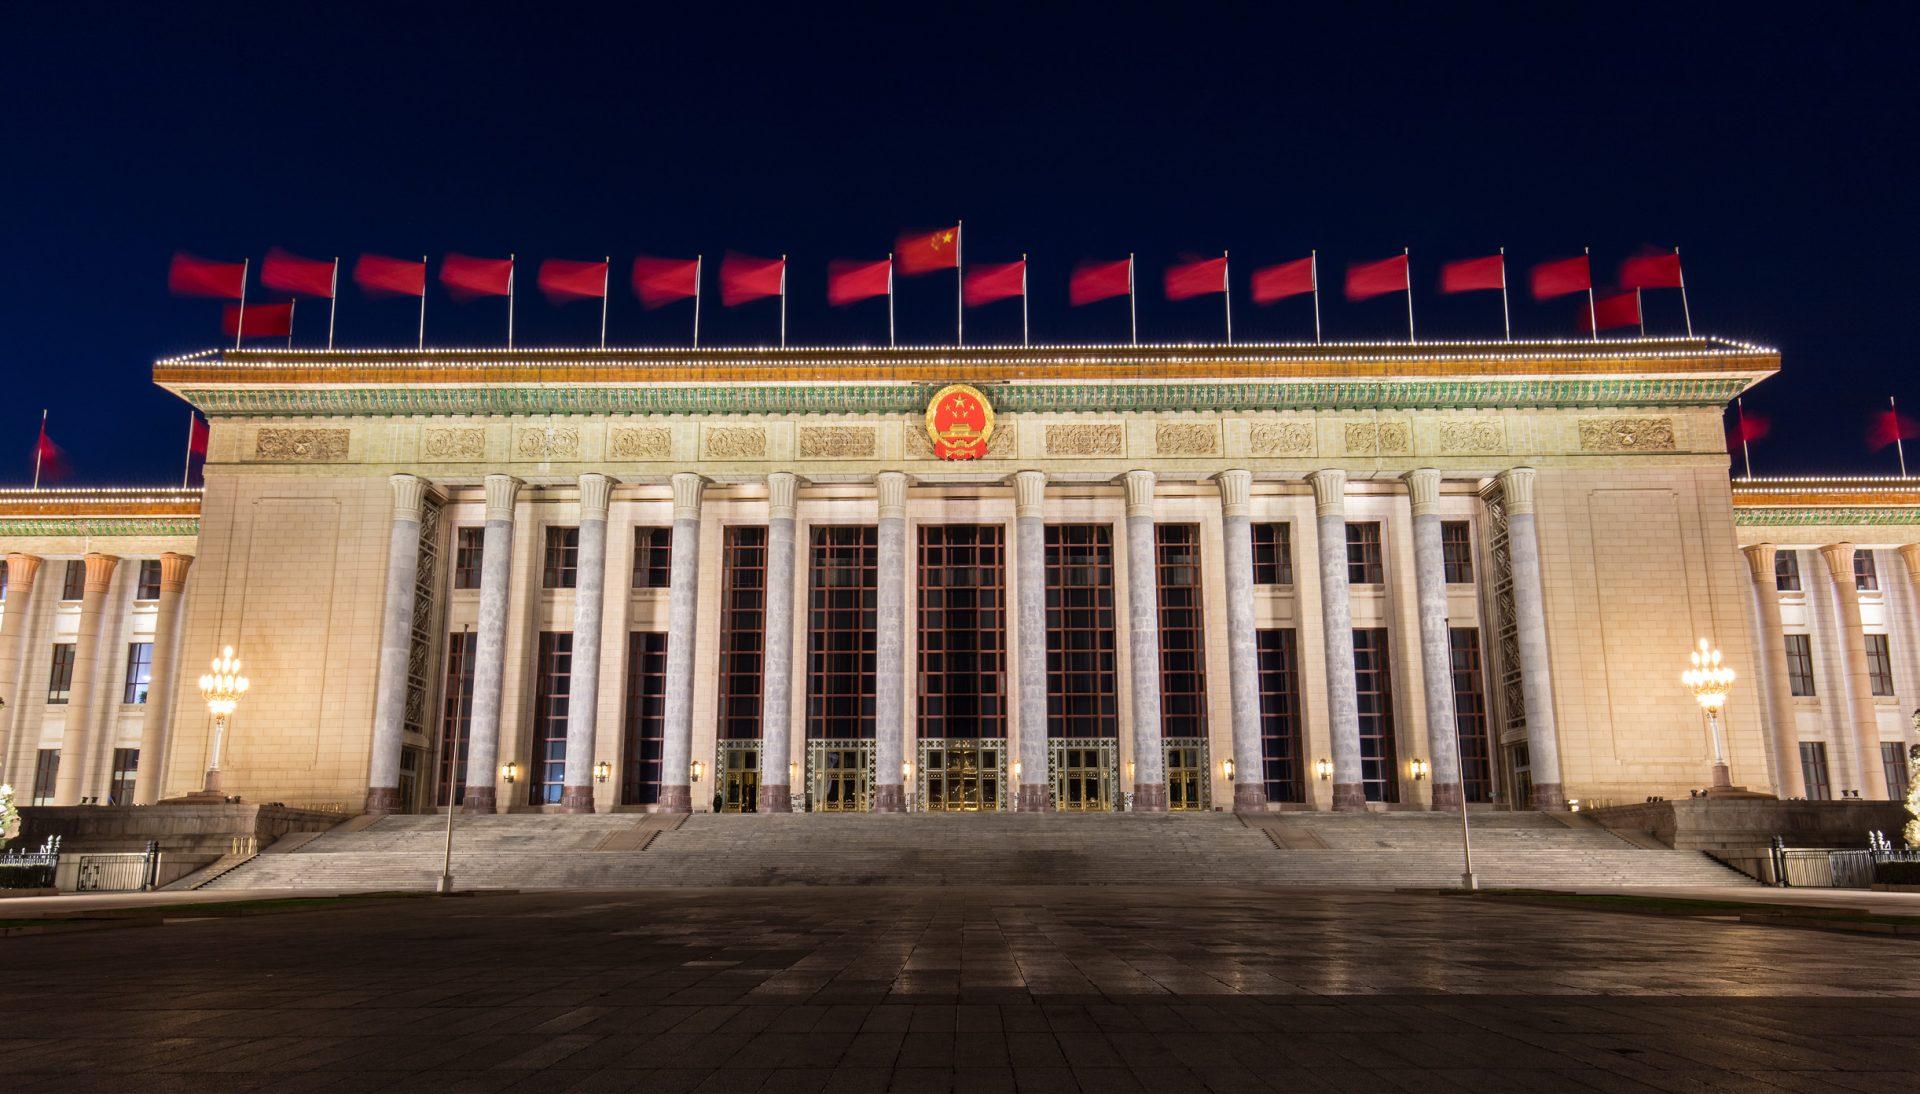 L'Assemblée nationale populaire à Pékin. (Source : Business circle)